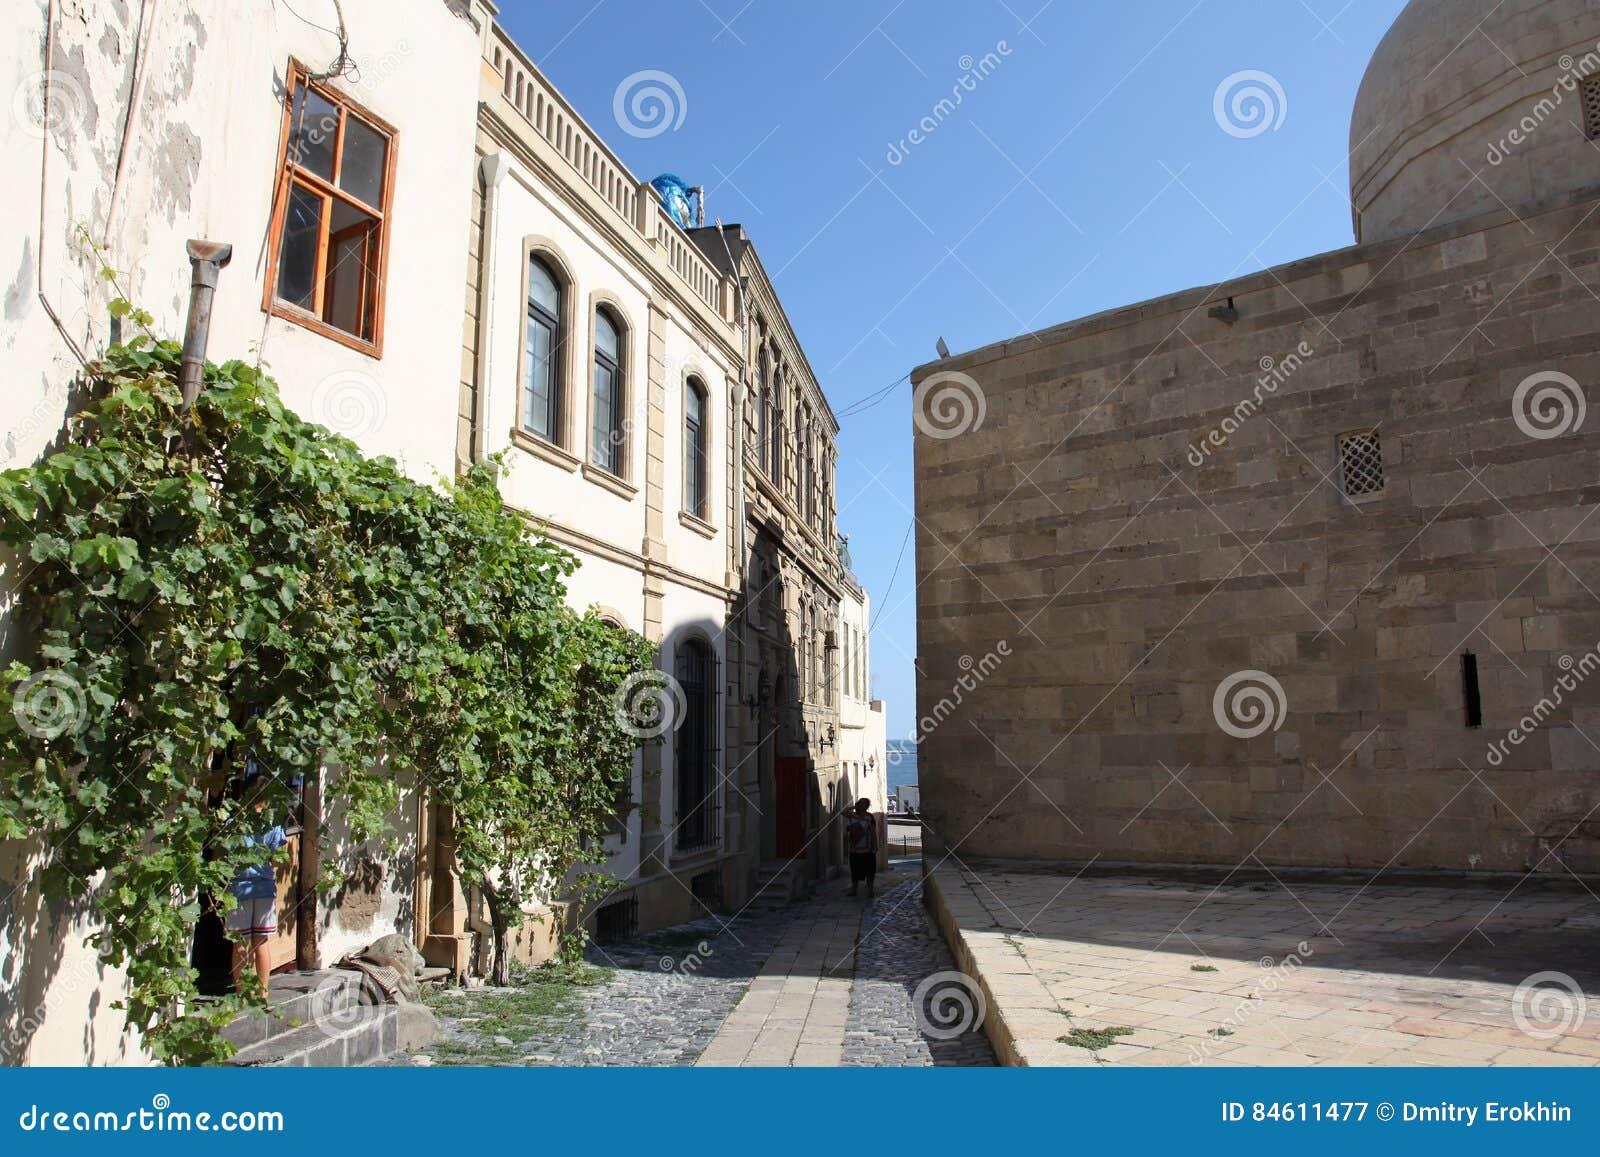 De straten van Oude stad, Icheri Sheher is de historische kern van Baku, Azerbeidzjan